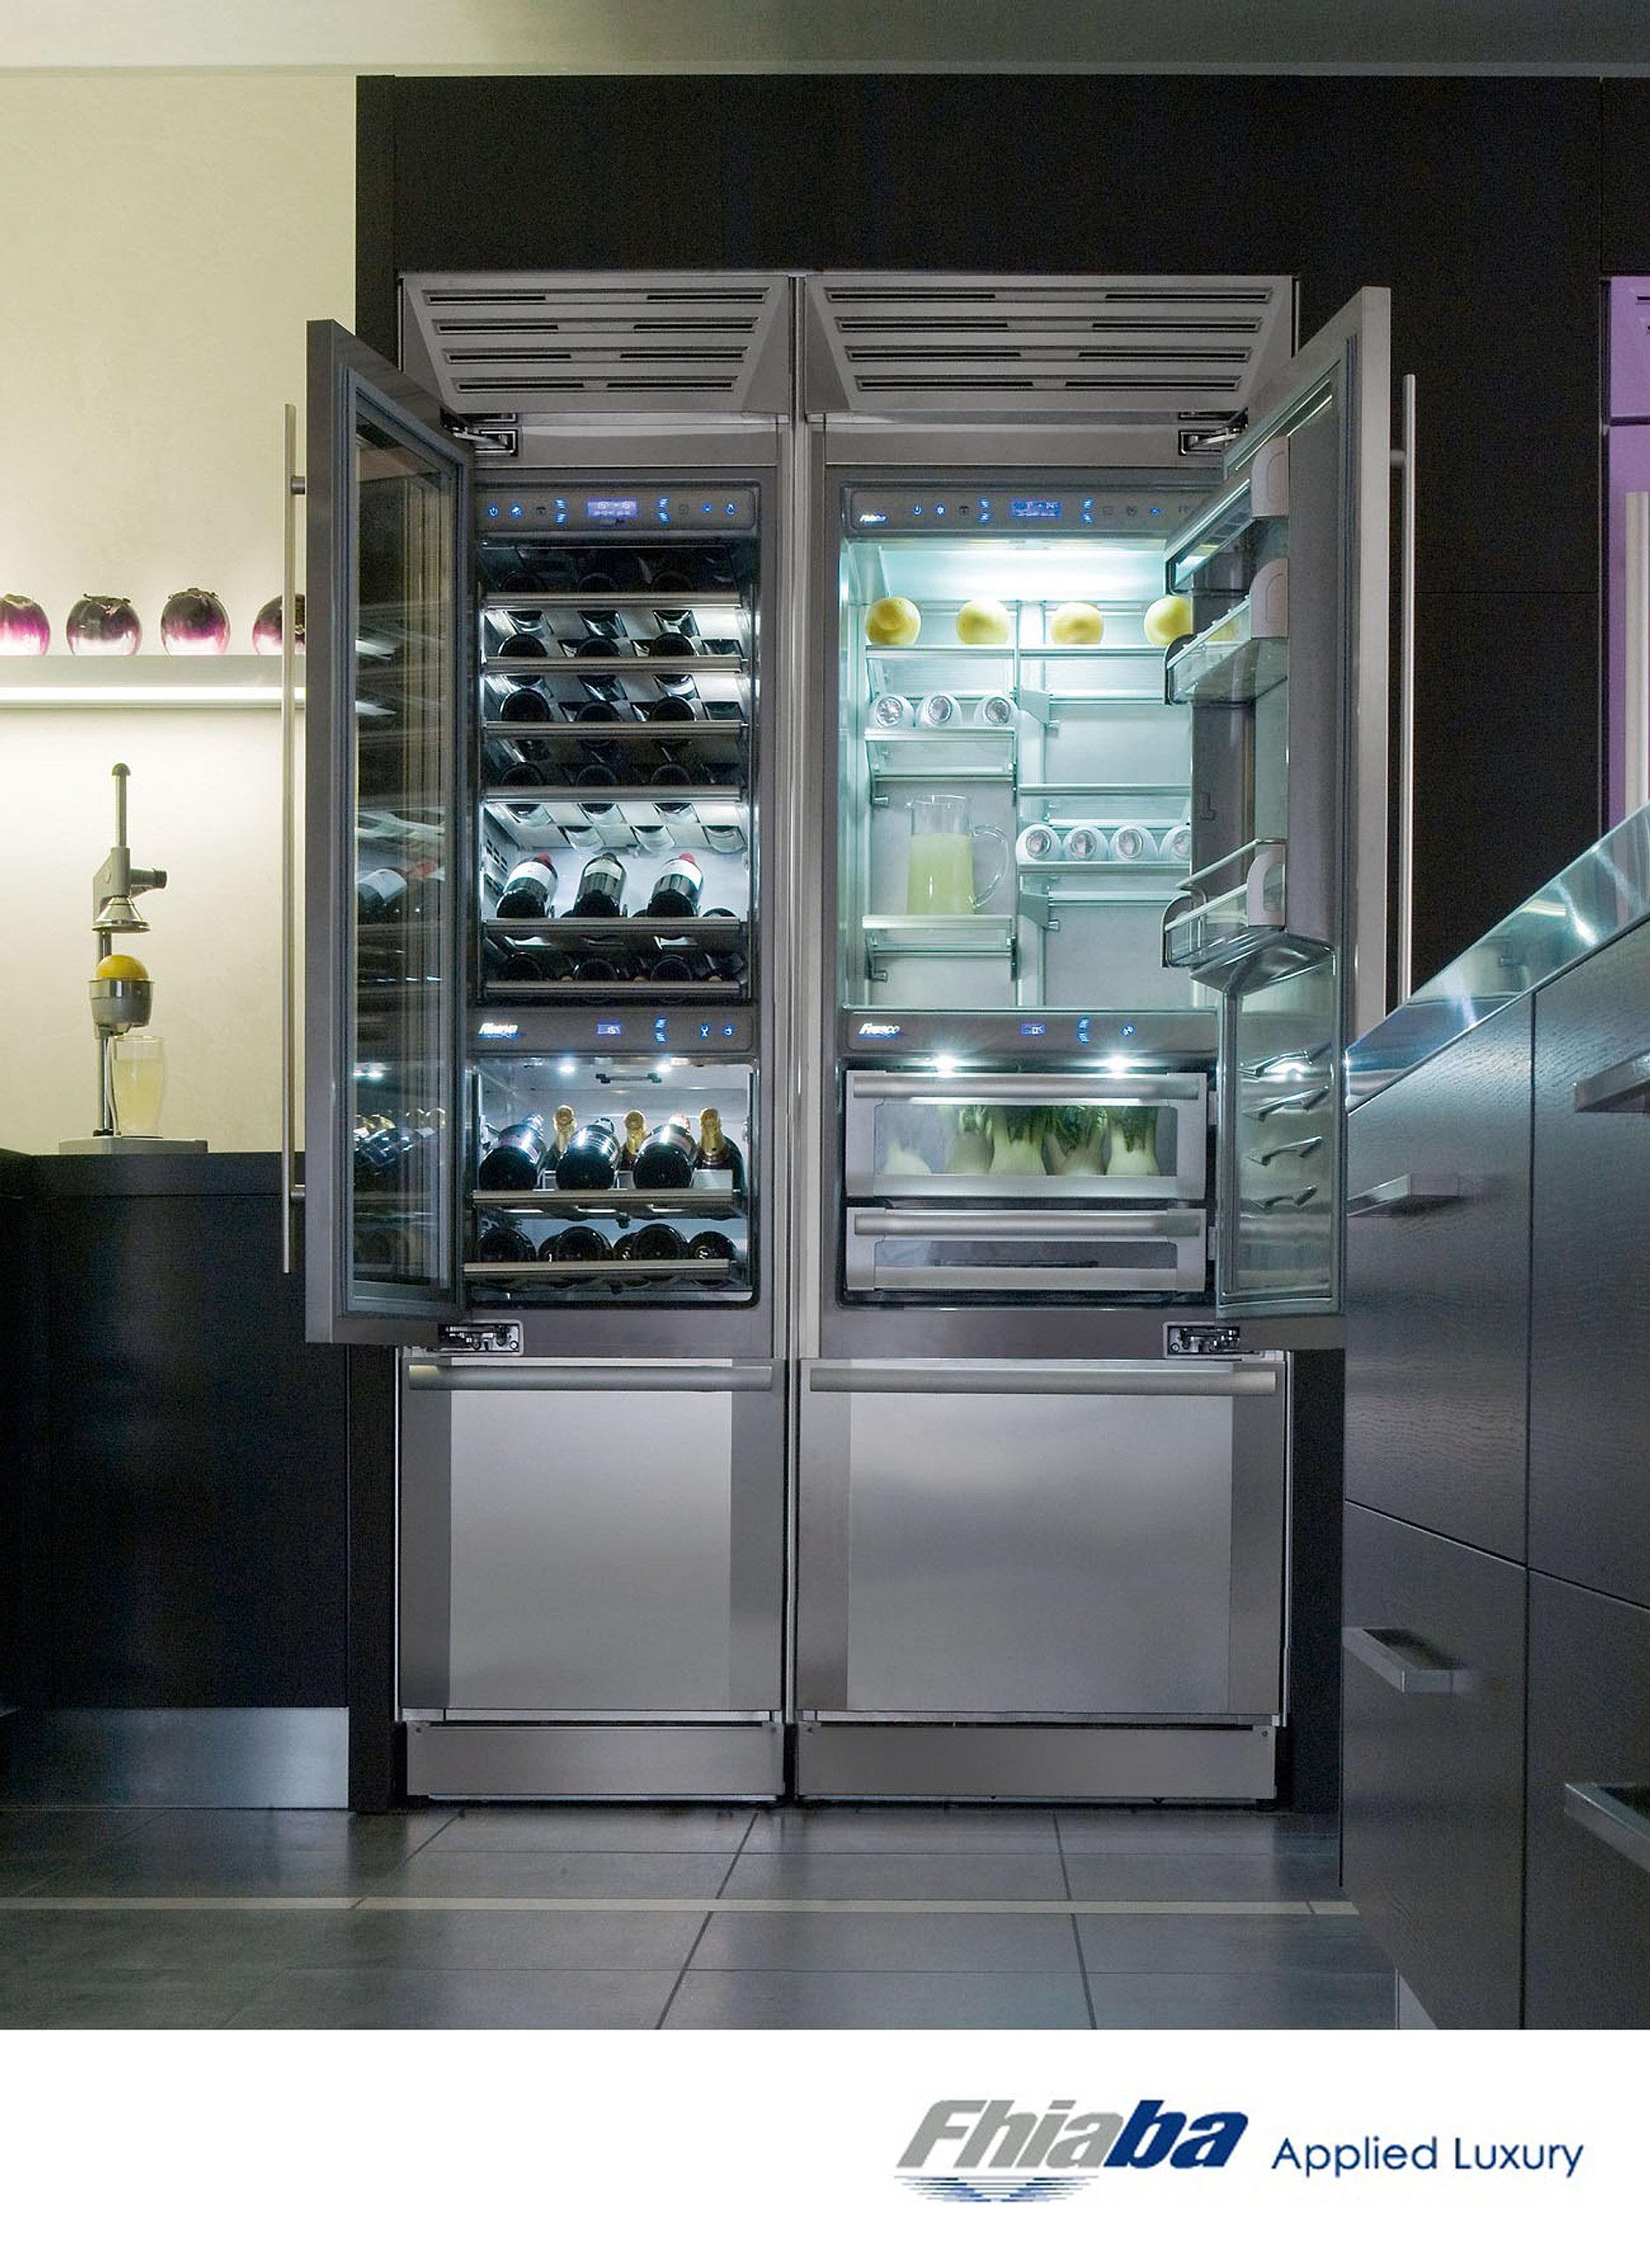 De Dietrich Kitchen Appliances Heirlooms Kitchen